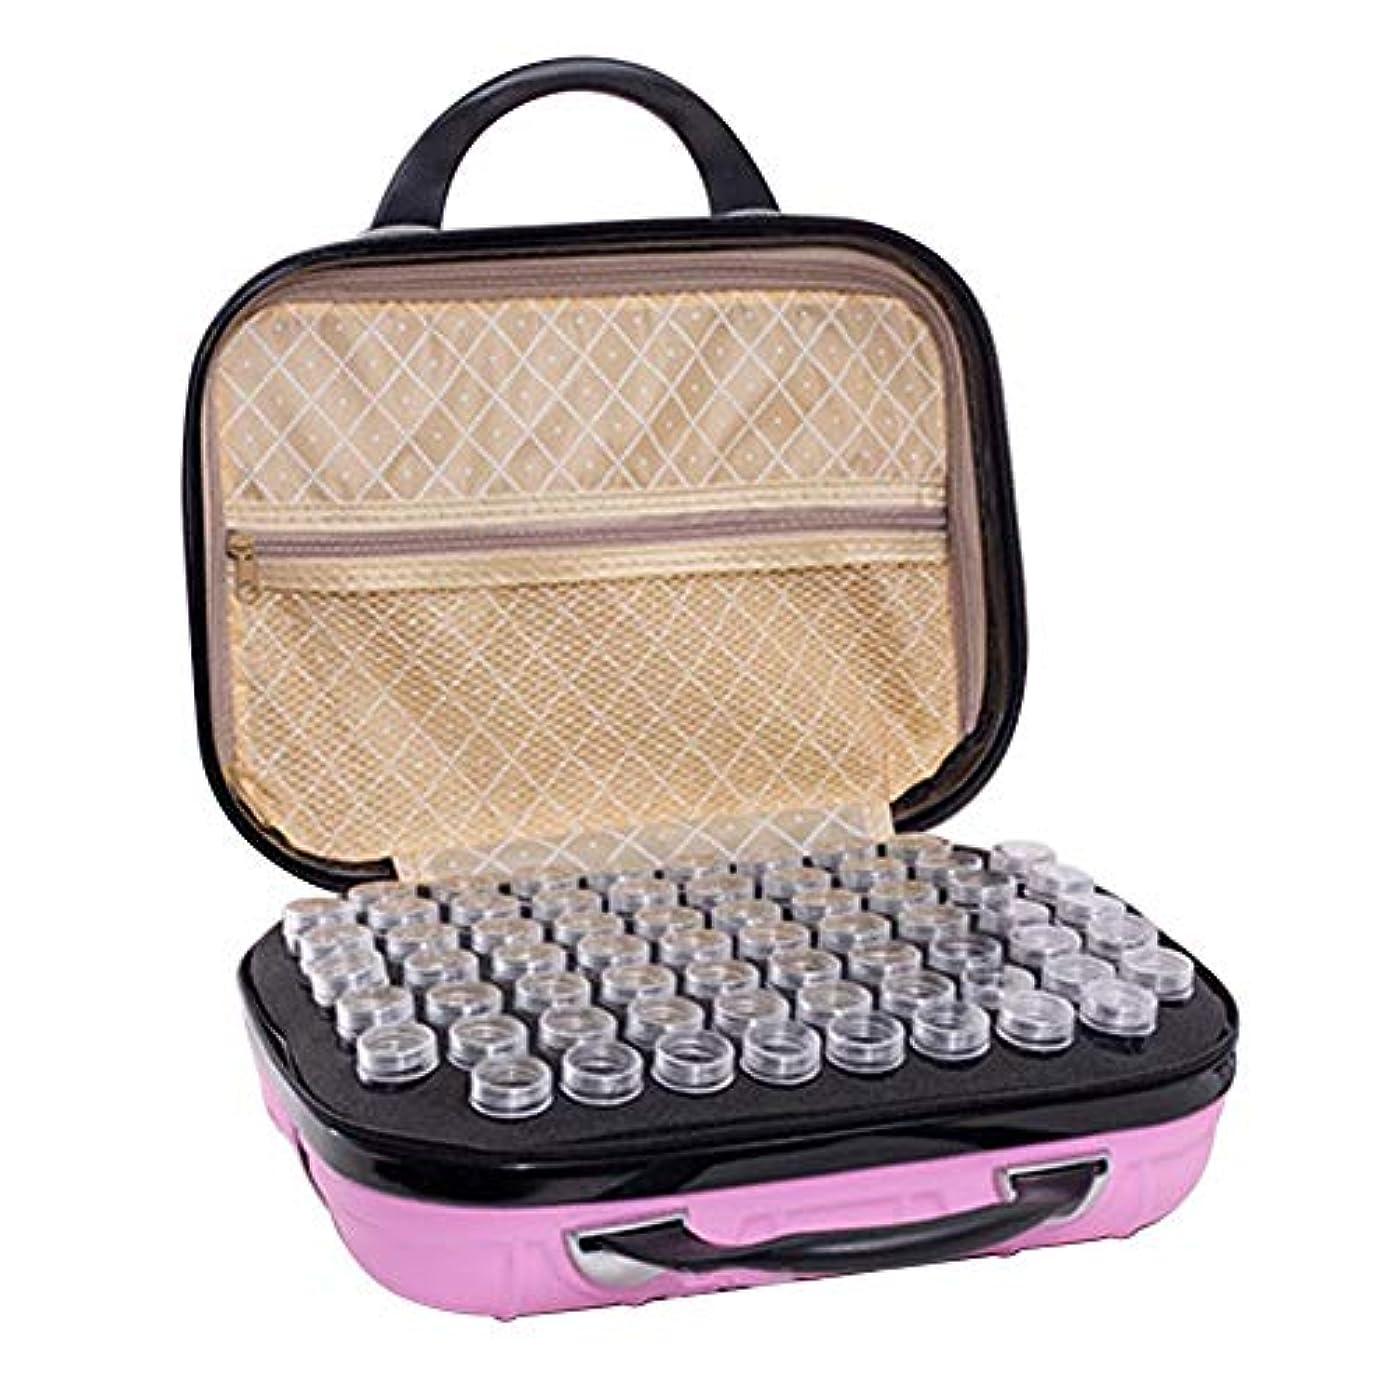 変動する添加剤画面精油収納ボックス エッセンシャルオイルケース 携帯用 香水収納バッグ アロマケース 精油ケース 大容量 傷防止 耐衝撃 アロマセラピストポーチ エッセンシャルオイル収納ボックス